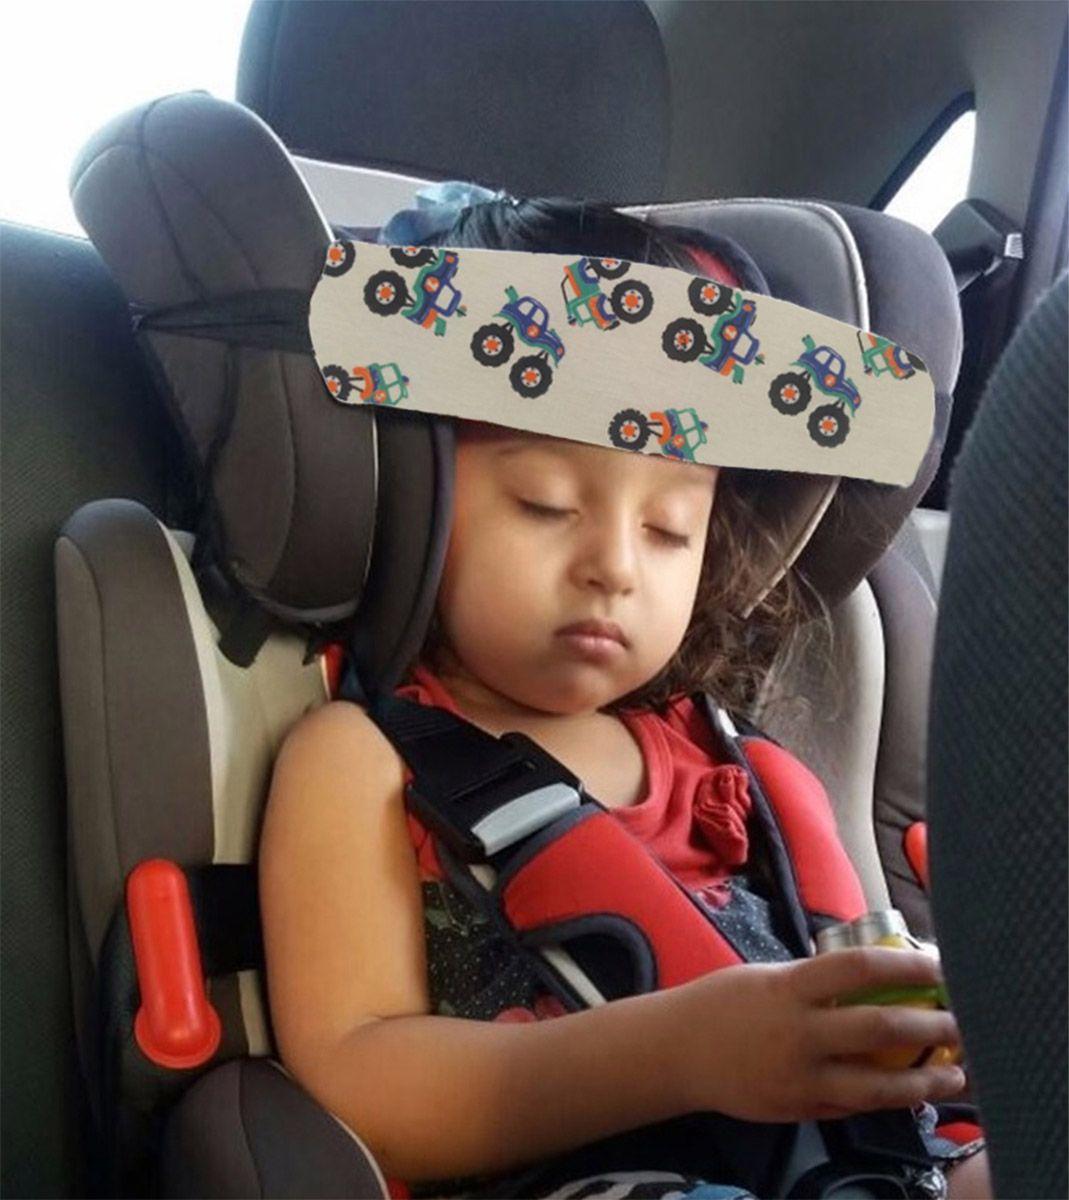 Faixa soninho apoio de cabeça para o bebê usar na cadeirinha do carro